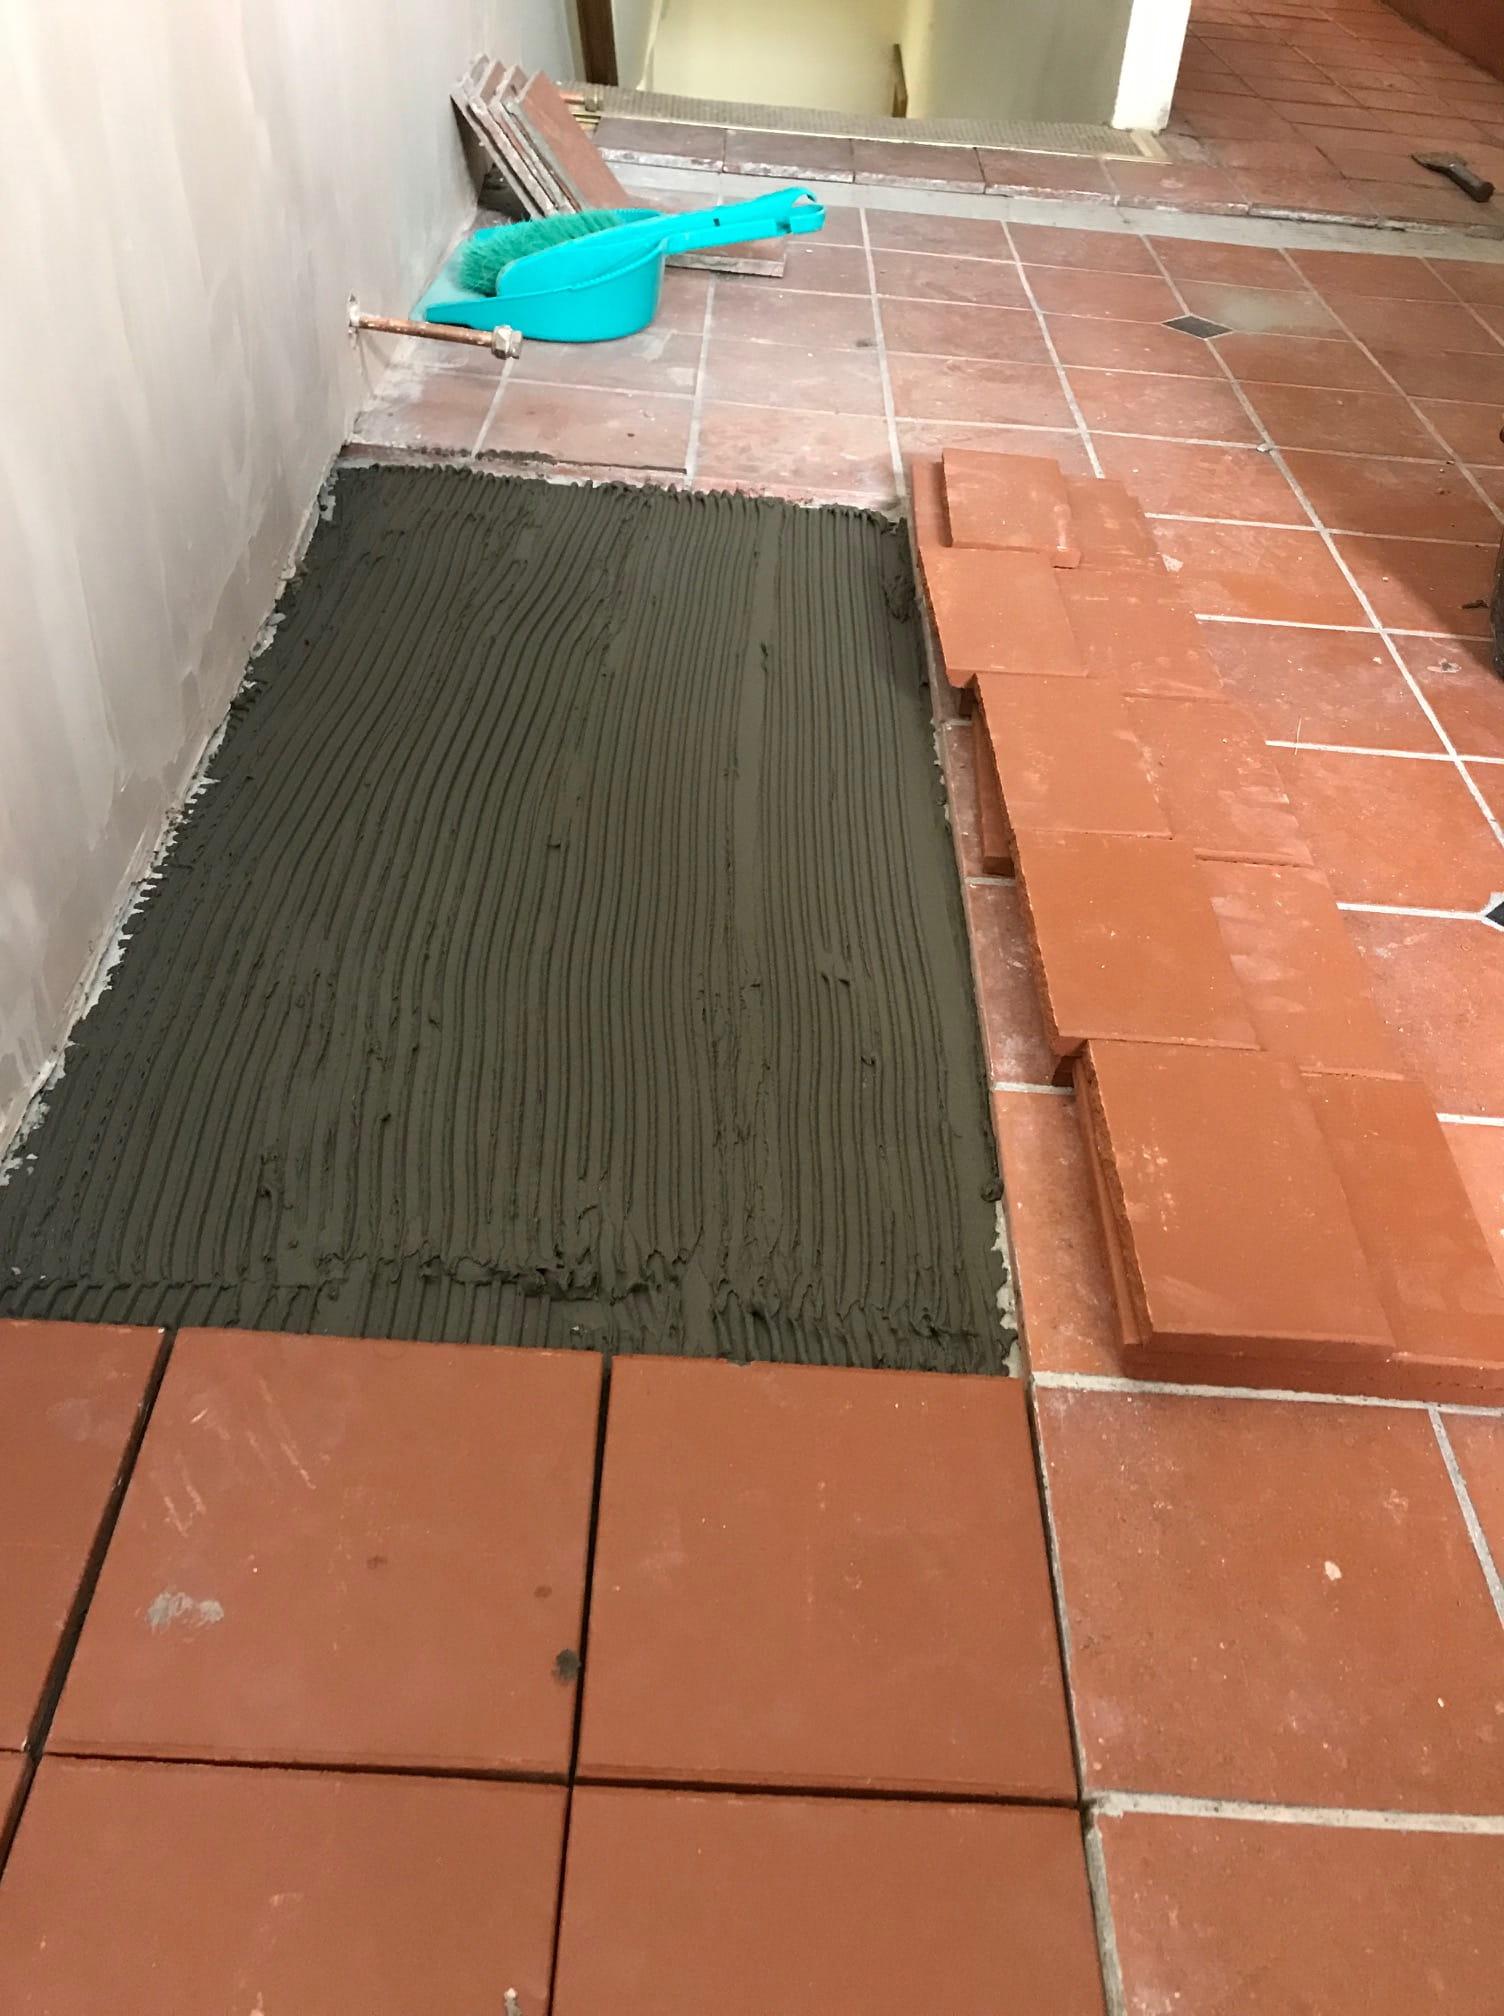 Quarry Tiled Floor Lancaster During Repair